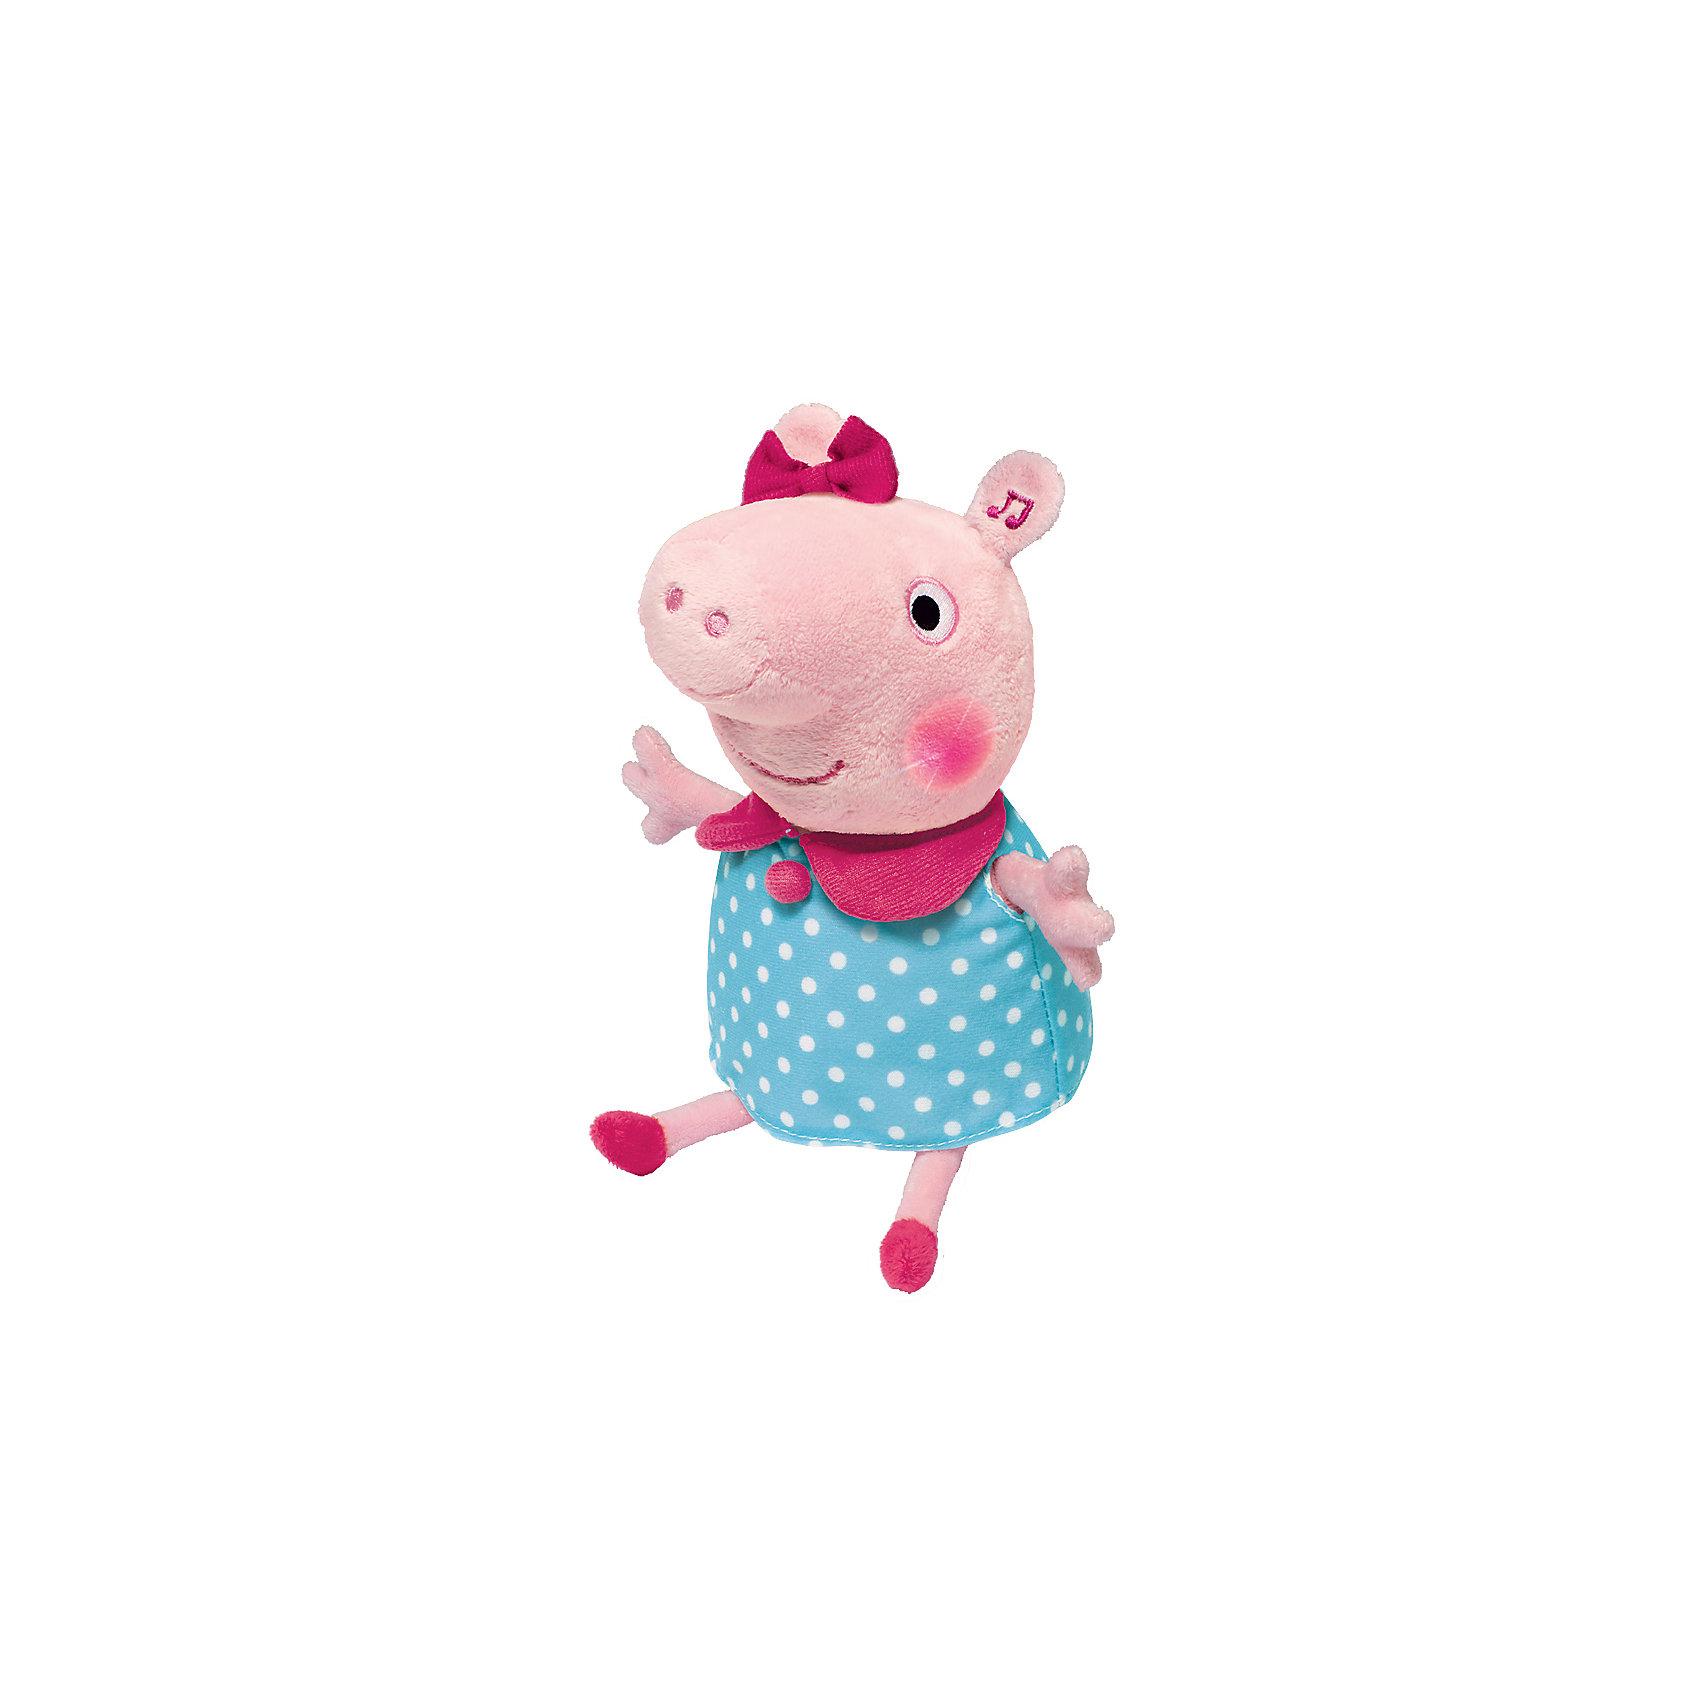 Мягкая игрушка Пеппа,30 см, движение, свет и звук, Свинка ПеппаМалыши очень любознательны и общительны, они каждый день узнают что-то новое. Сделать процесс познавания мира для малышей - просто! Яркая игрушка в  виде Свинки Пеппы поможет ребенку весело  и с пользой провести время. Игрушка сделана из мягкого материала, что развивает тактильное восприятие ребенка. Оснащена звуковыми эффектами (мелодия, два стиха и более 10 фраз из мультфильма), также на ней светятся щеки. Игрушка умеет двигаться из стороны в сторону! <br>Эта игрушка обязательно займет ребенка! Игра с ней помогает детям развивать мелкую моторику, внимательность и познавать мир. Игрушка сделана из качественных и безопасных для ребенка материалов.<br><br>Дополнительная информация:<br><br>цвет: разноцветный;<br>размер упаковки: 15 х 16 х 29 см;<br>работает от батареек АААх3, в комплекте;<br>материал: текстиль, пластик.<br><br>Мягкую игрушку Пеппа,30 см,  движение, свет и звук, Свинка Пеппа можно купить в нашем магазине.<br><br>Ширина мм: 155<br>Глубина мм: 160<br>Высота мм: 290<br>Вес г: 370<br>Возраст от месяцев: 36<br>Возраст до месяцев: 2147483647<br>Пол: Унисекс<br>Возраст: Детский<br>SKU: 4924164